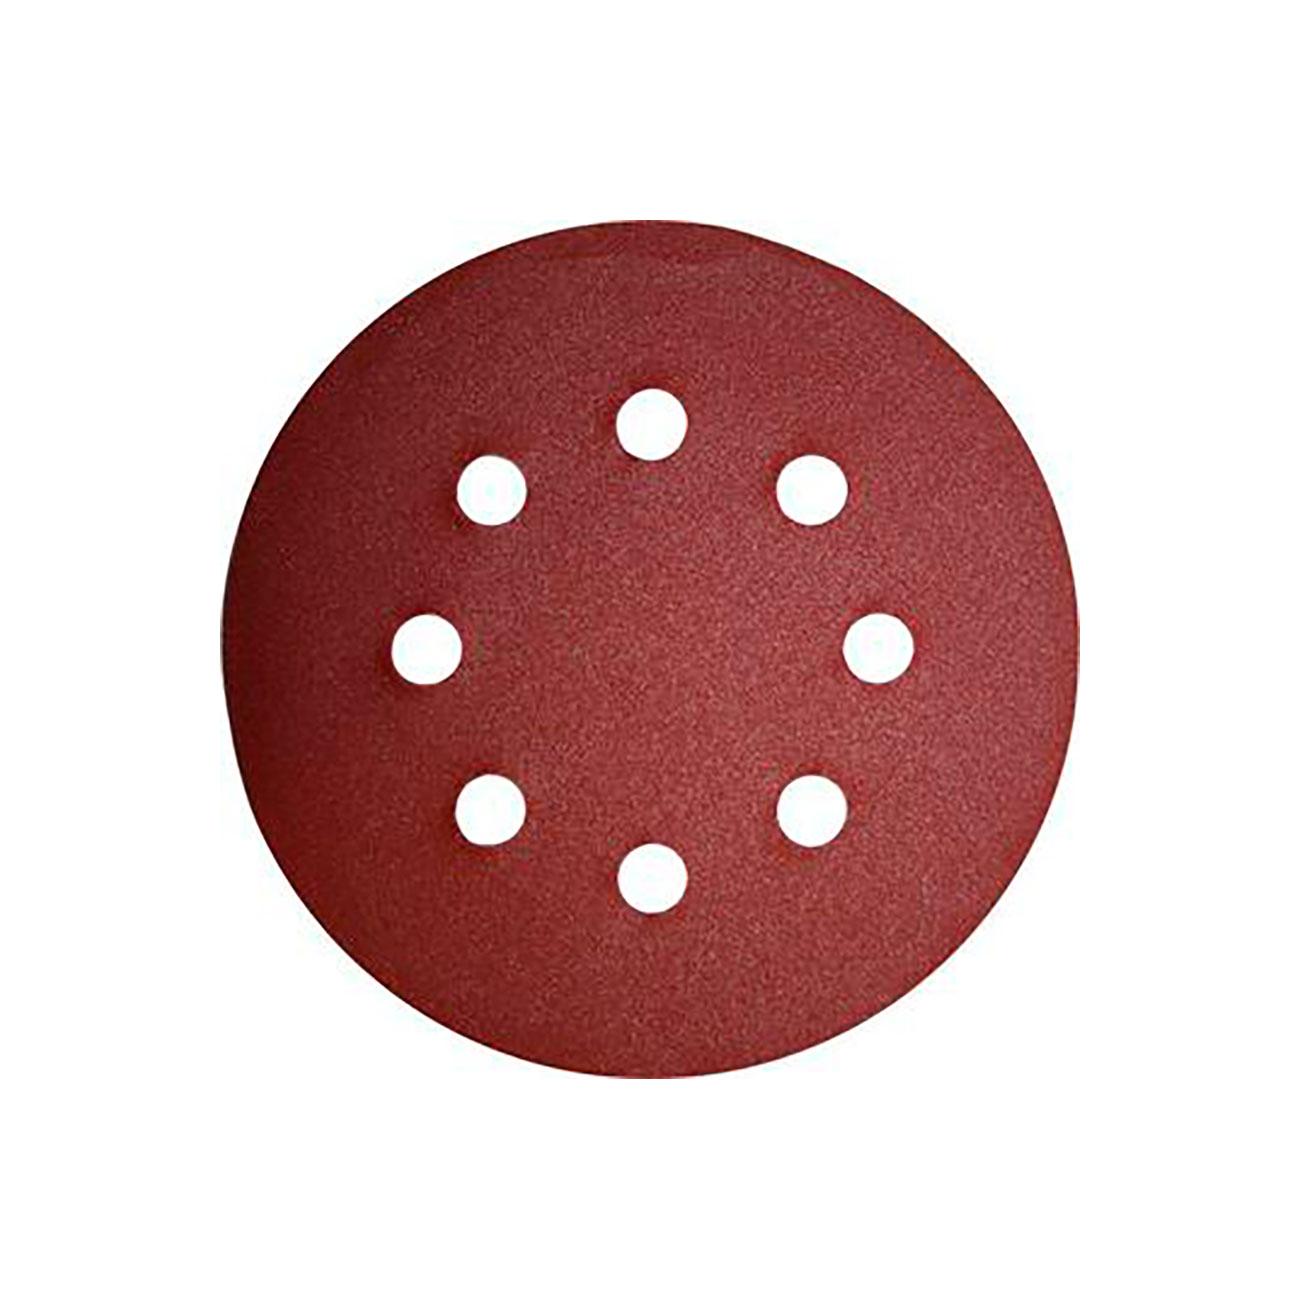 Фото Шлифовальные круги Практика Профи, на липкой основе, Р40, для металла и дерева, 8 отверстий, 125 мм (25 шт) {034-168}